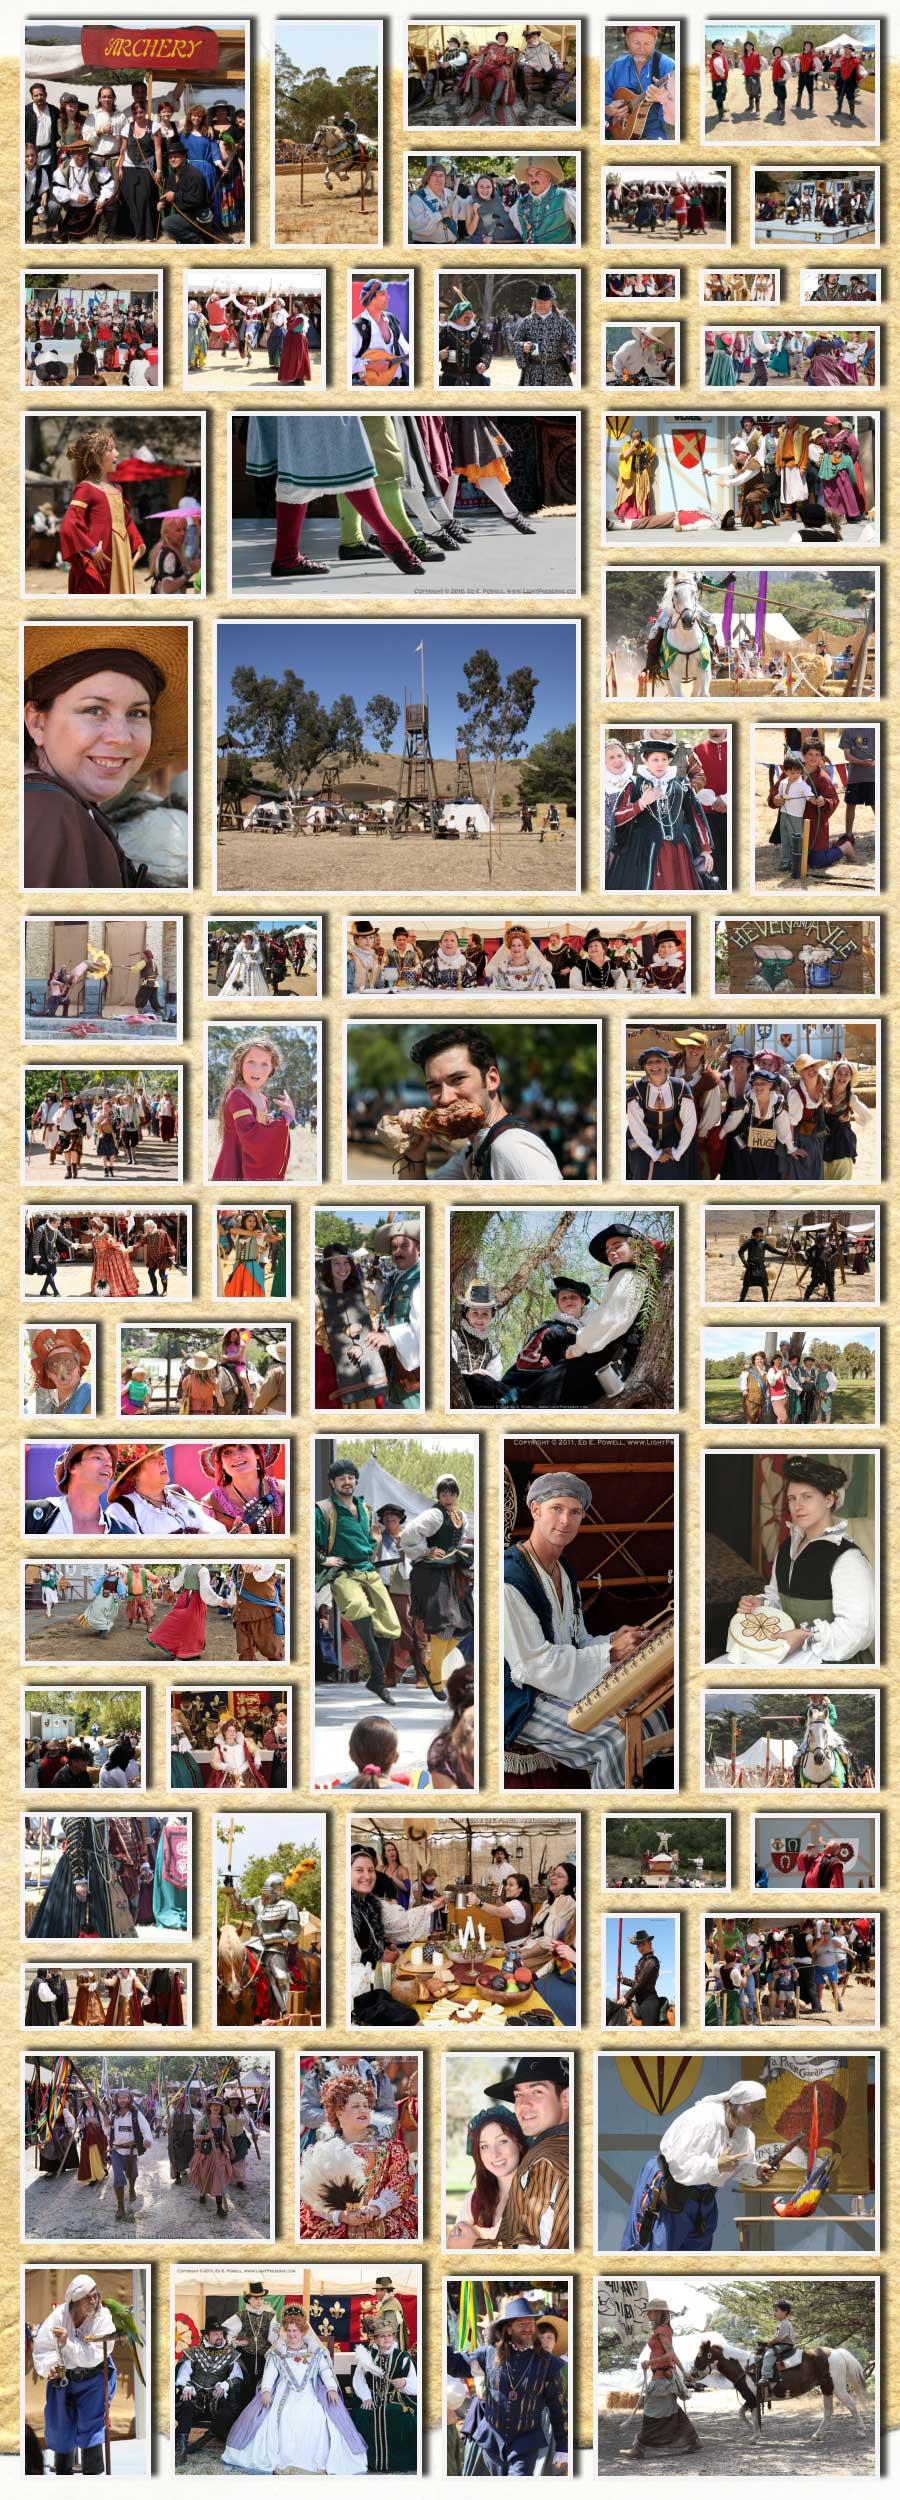 Central Coast Renaissance Festival Entertainment